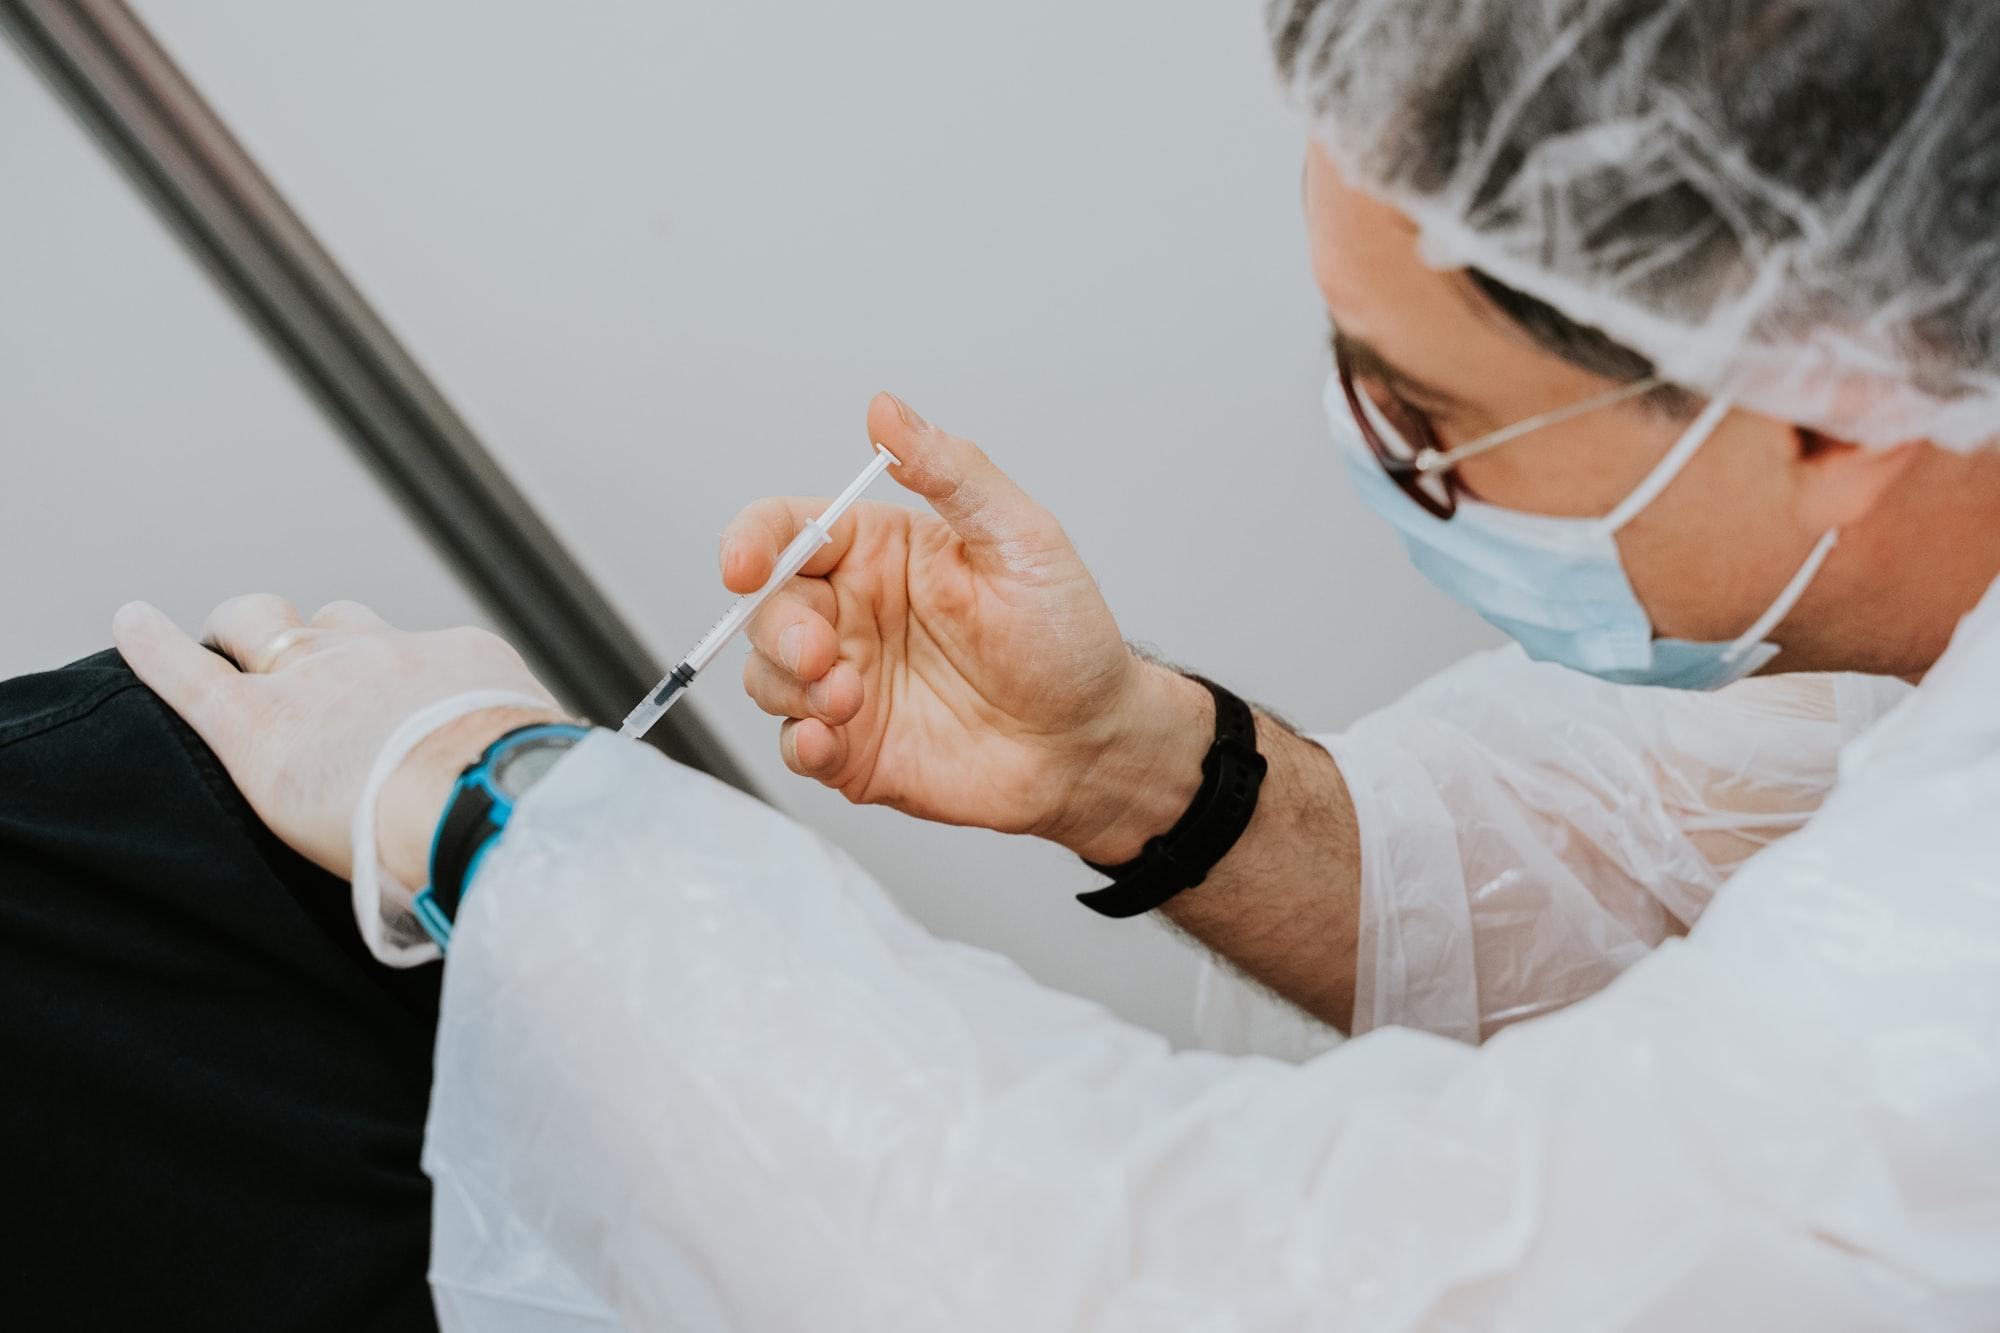 加拿大出现11例阿斯利康疫苗血栓个案 3例死亡